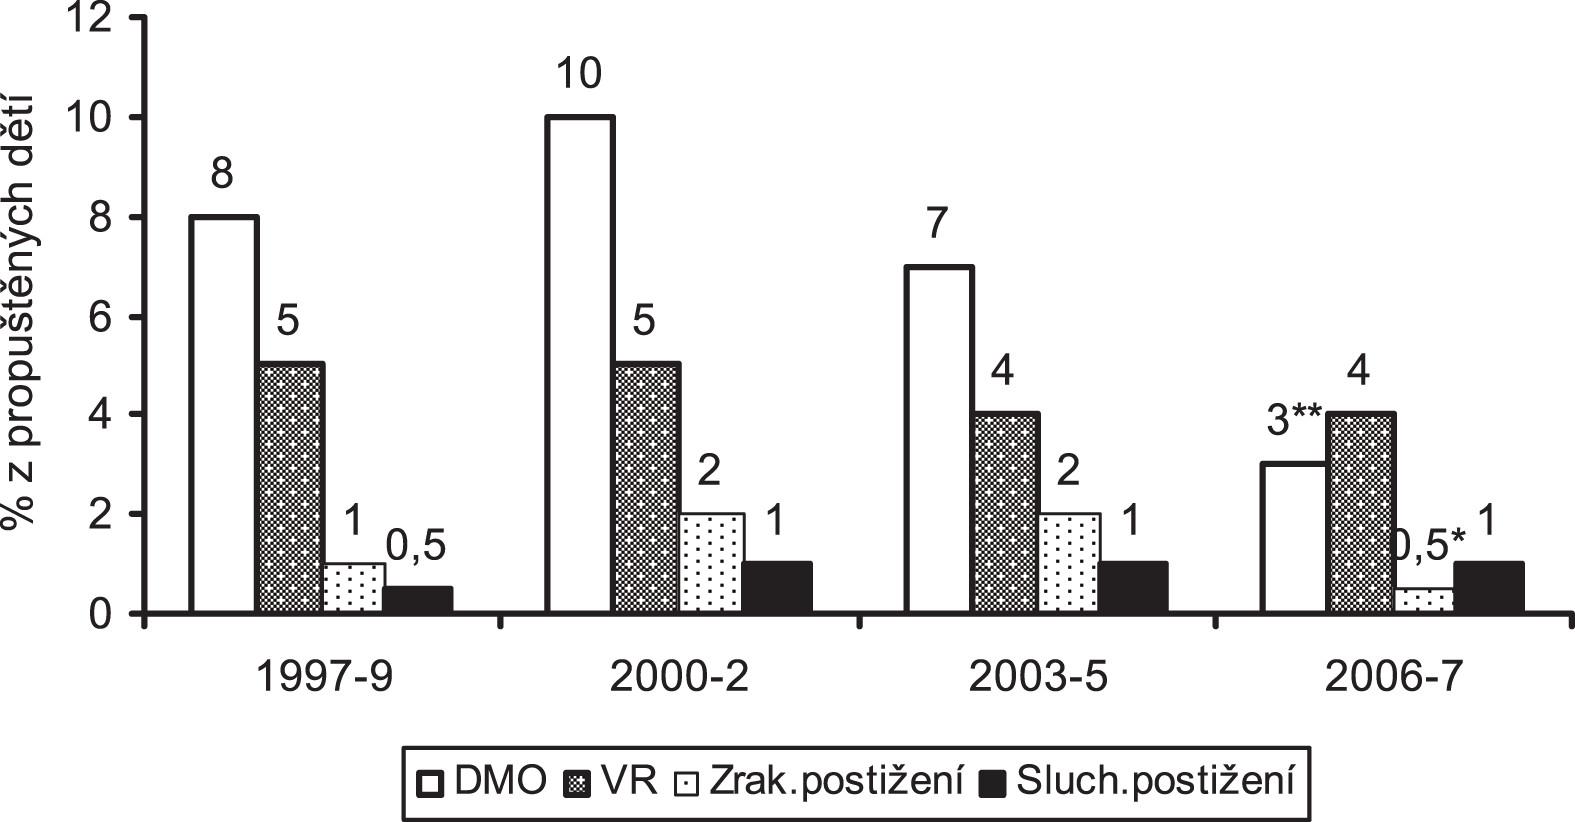 Obr. 3a. Pozdní morbidita dětí s porodní hmotností 1000 -1499 g ve 2 letech korigovaného věku